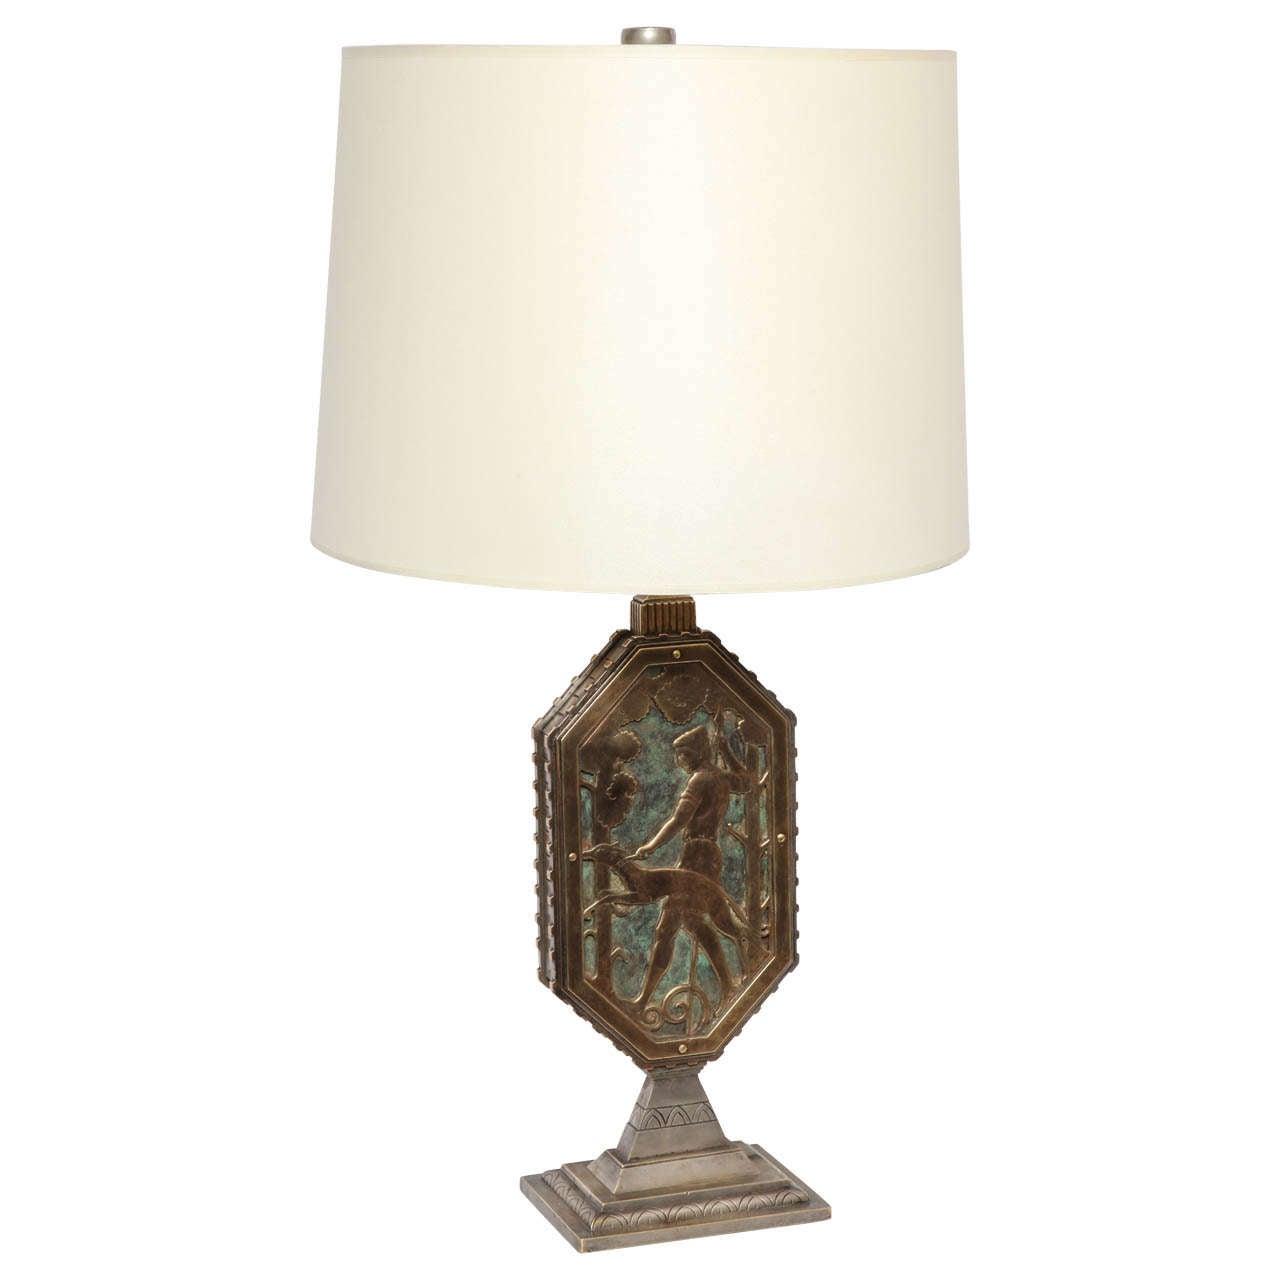 Oscar Bach 1920s Art Deco Lamp, Signed 1